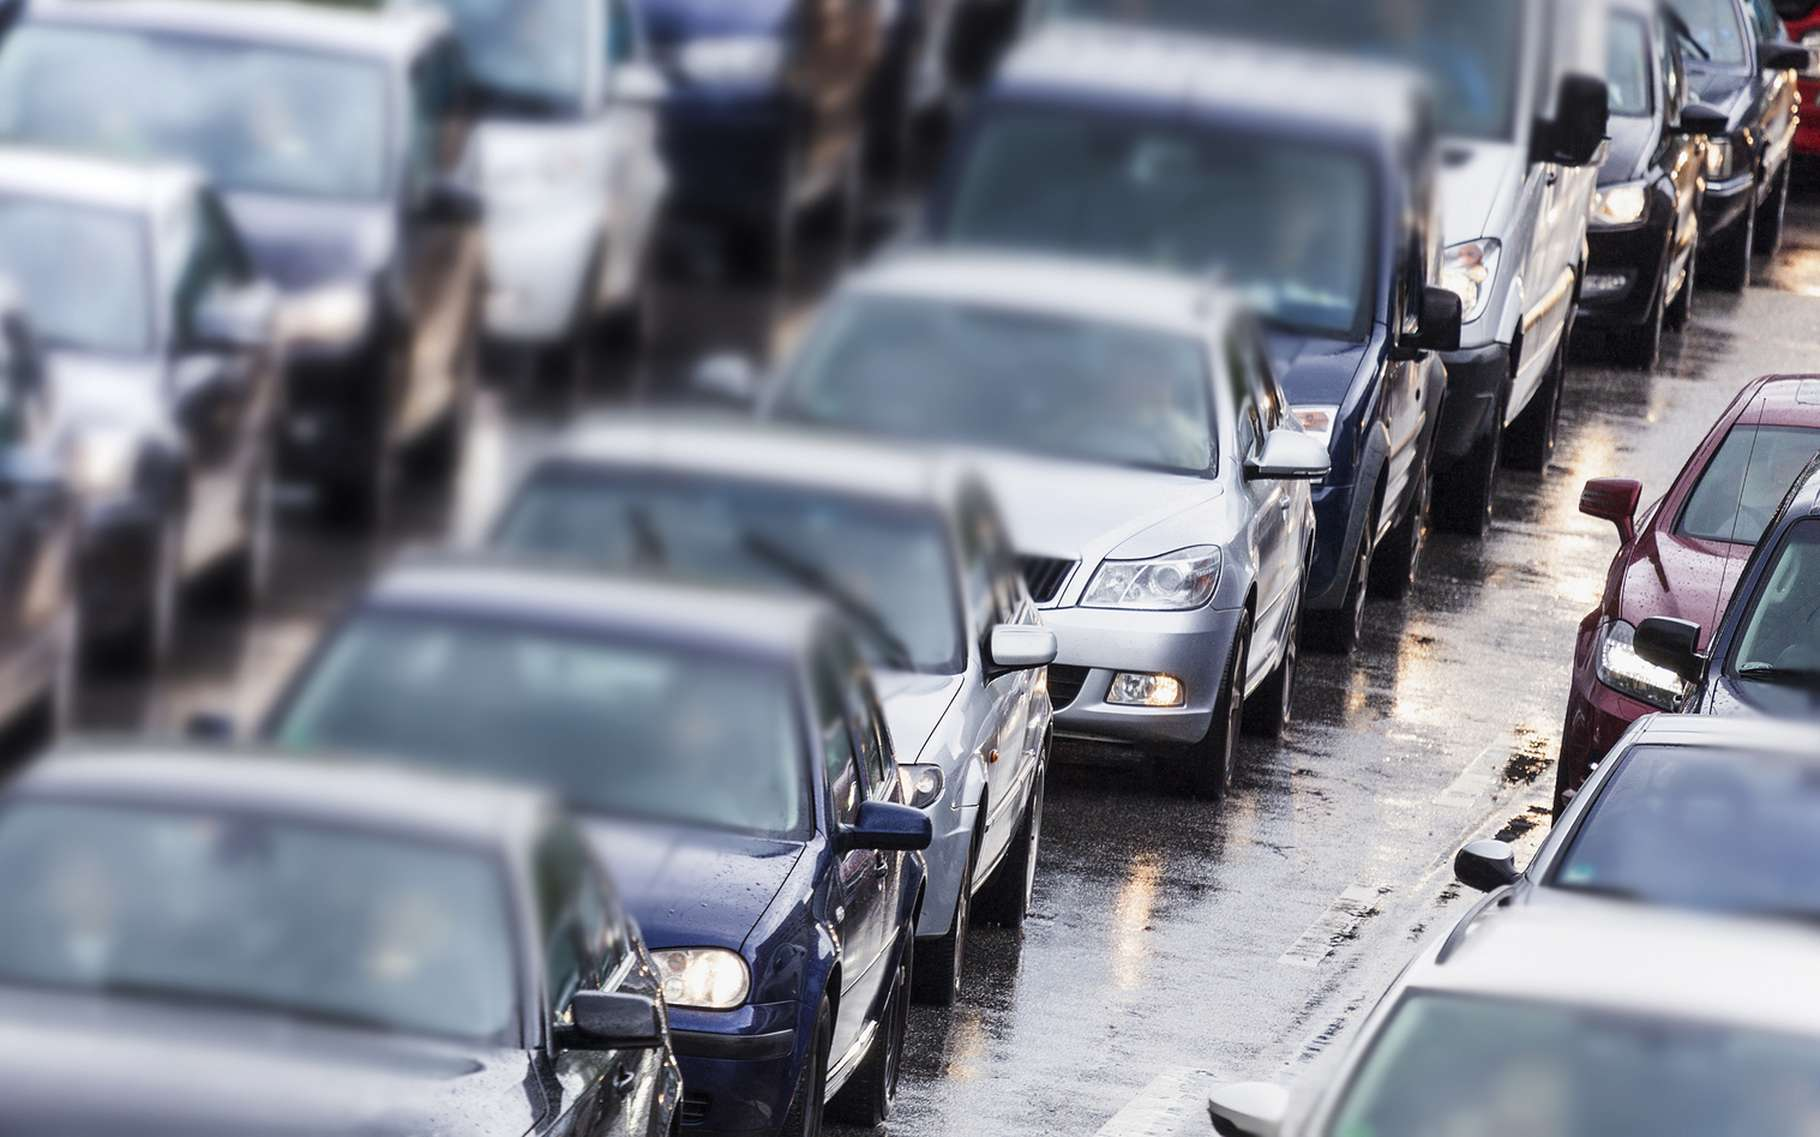 Selon une étude de chercheurs de l'université de Surrey, adopter les bons réflexes peut nous permettre de réduire de 76 % notre exposition aux gaz toxiques dans un bouchon. © Ralf Gosch, Shutterstock